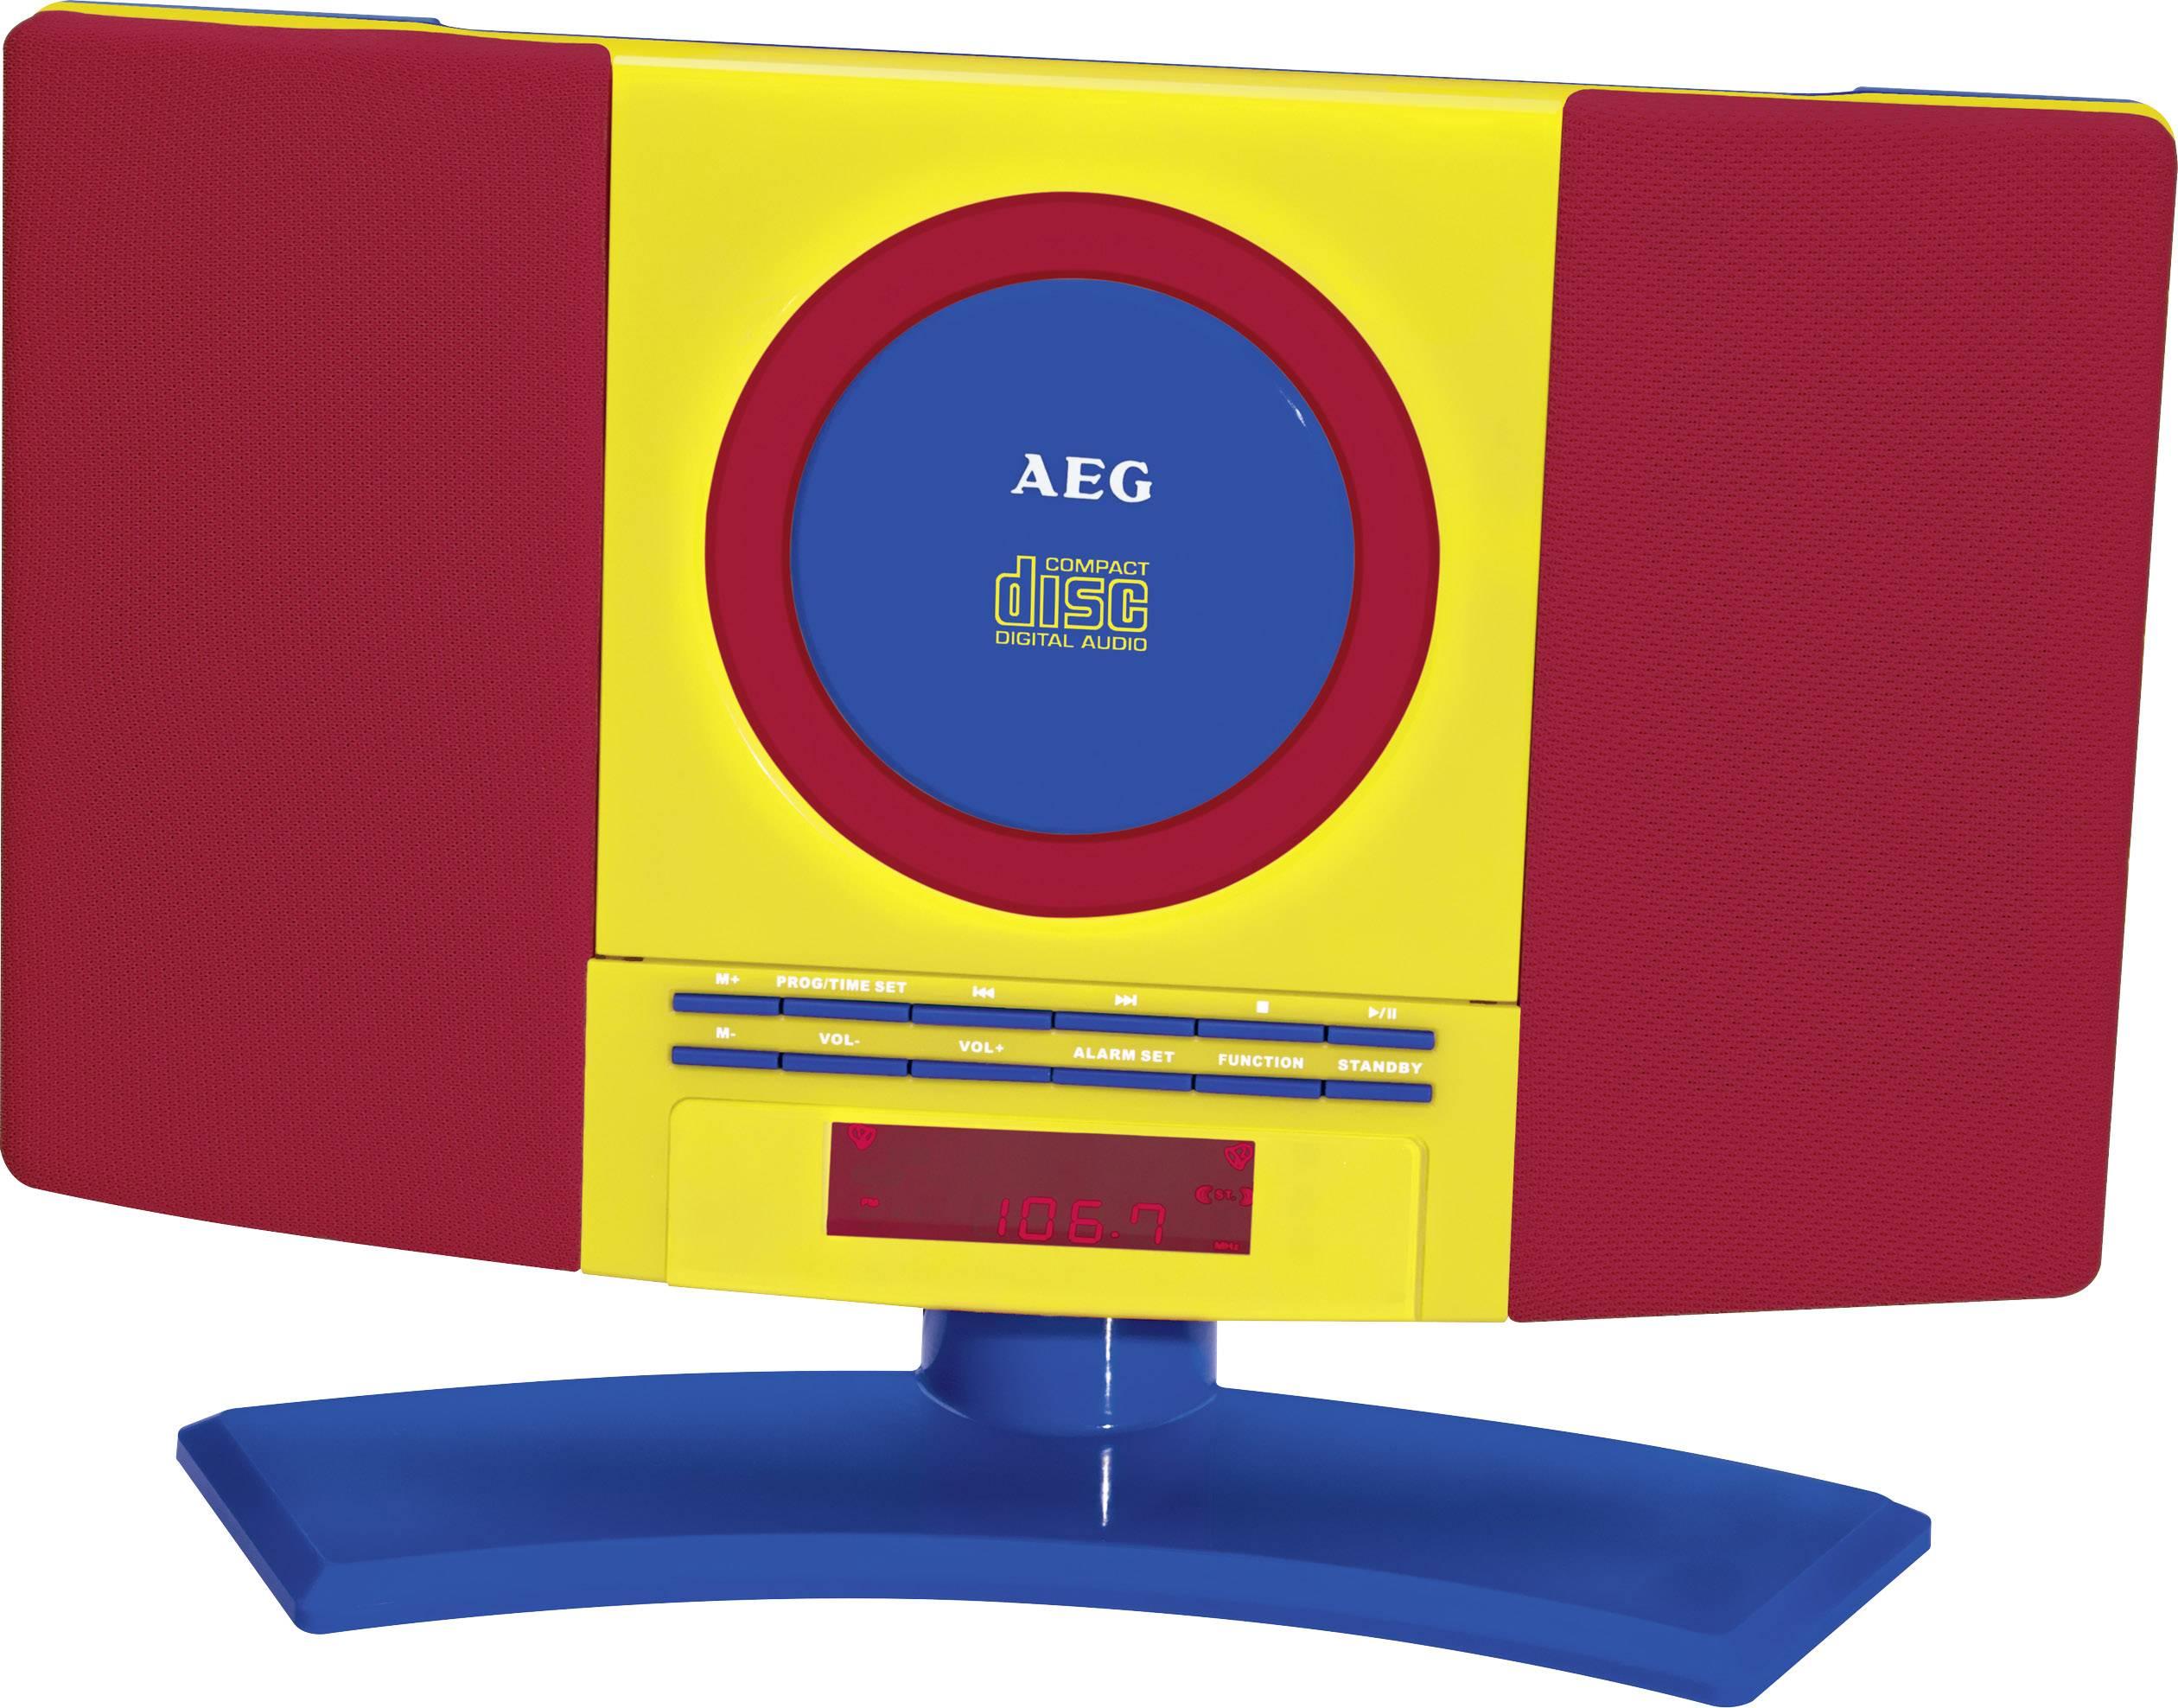 Dětský CD přehrávač AEG MC 4464 Kids Line AUX, CD, FM montáž na stěnu, červená, barevná